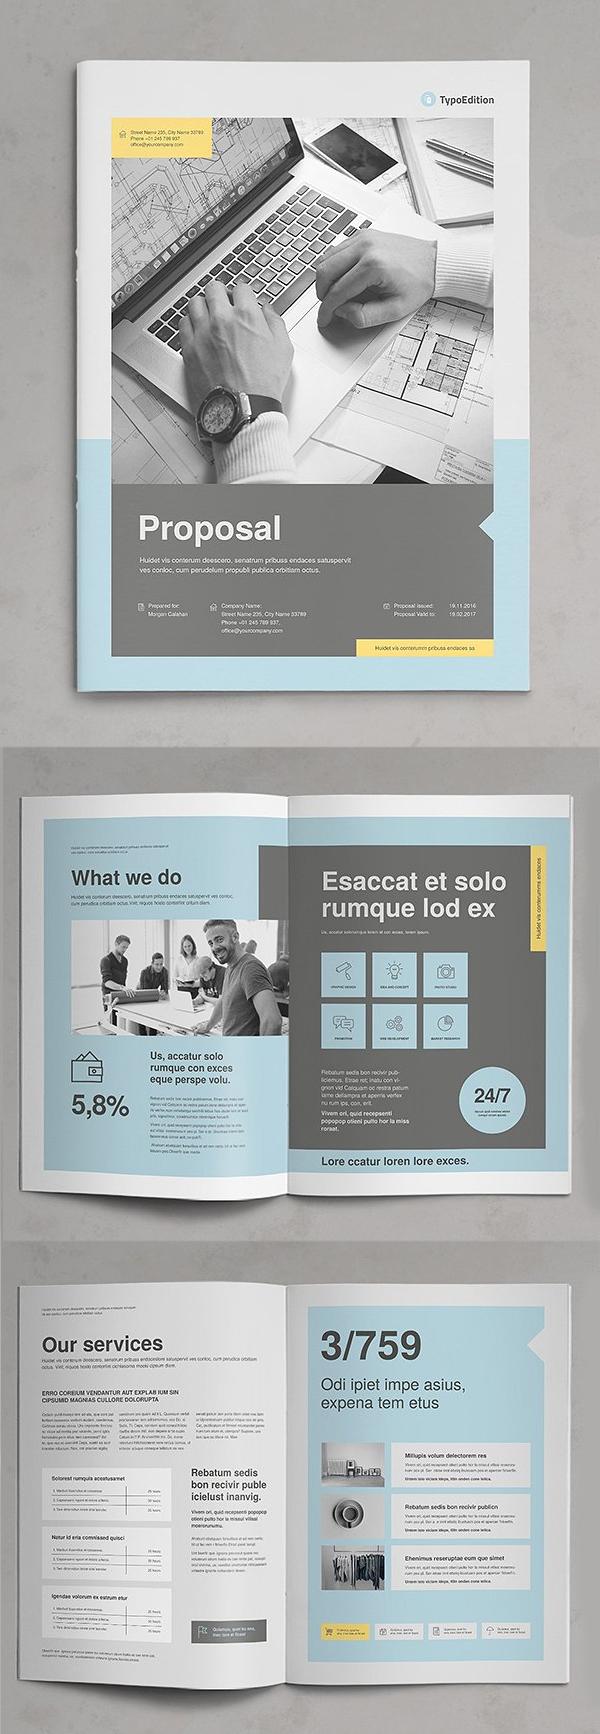 Diseño de mockups de propuesta de negocio profesional - 19